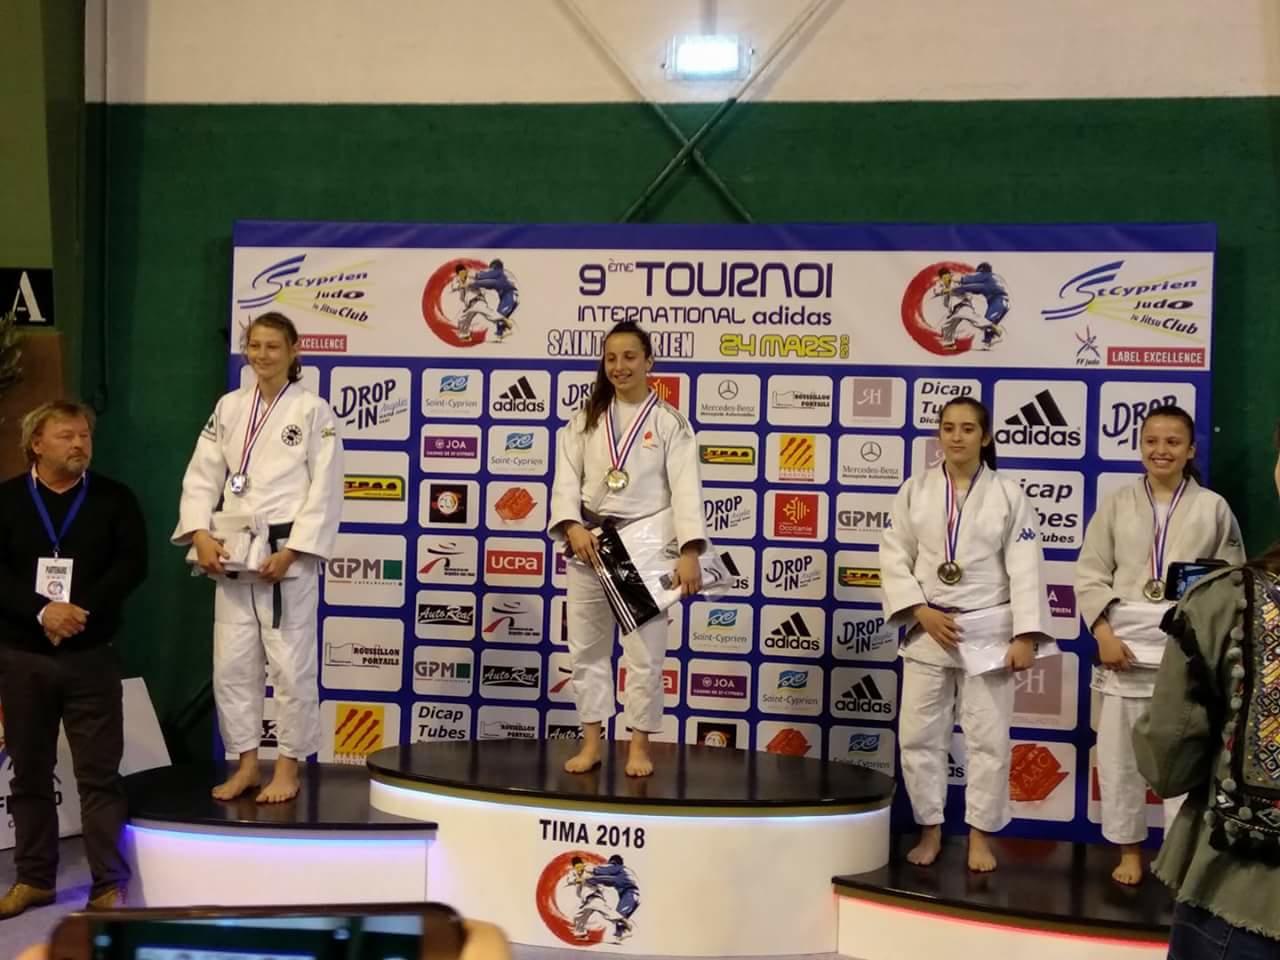 La castallense Adriana Rodríguez logra la medalla de oro en un campeonato internacional de judo disputado en Francia